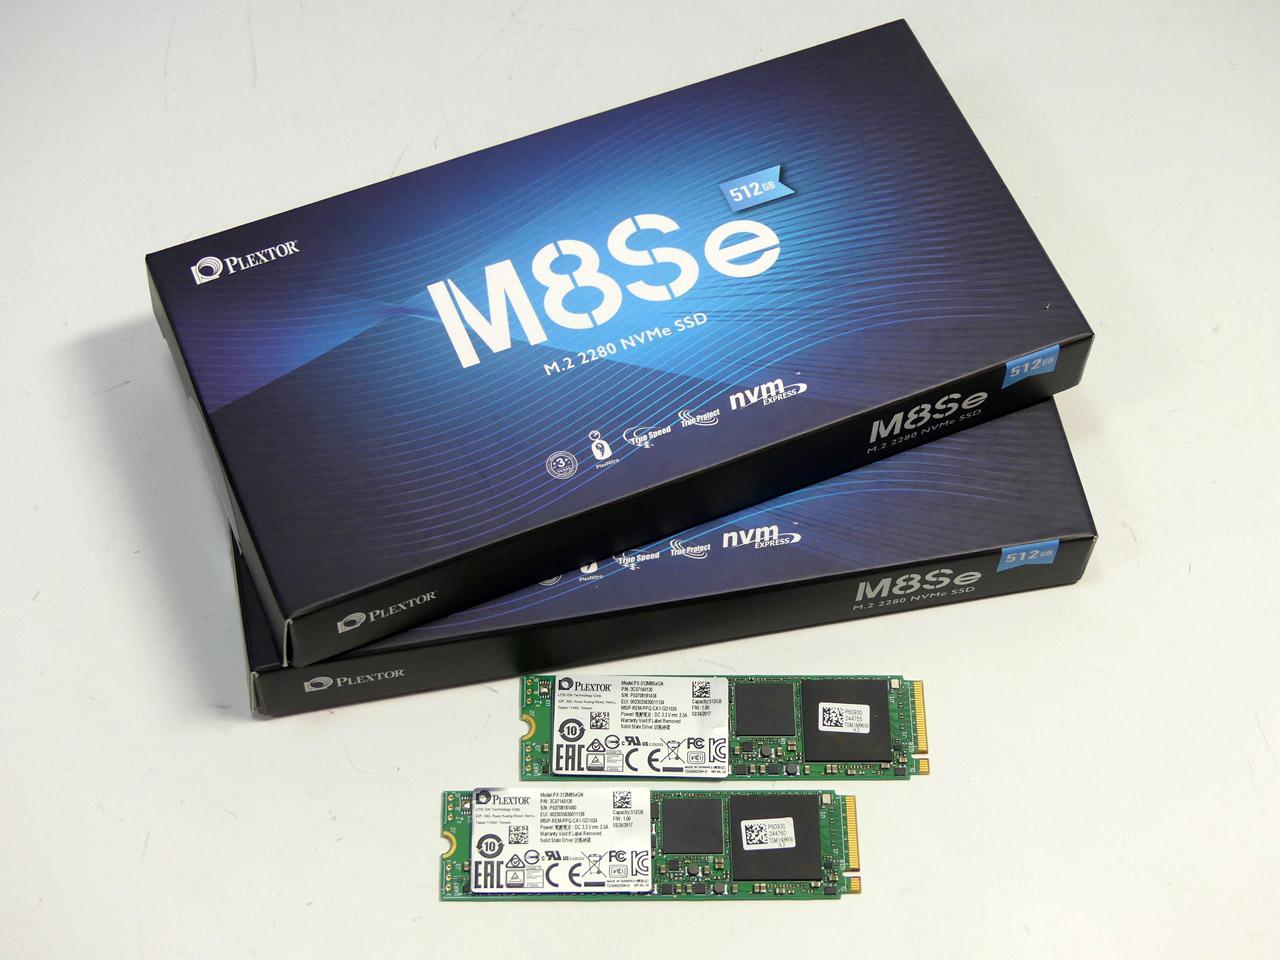 テスト用のNVMe SSDには、PLEXTOR M8Seを使用